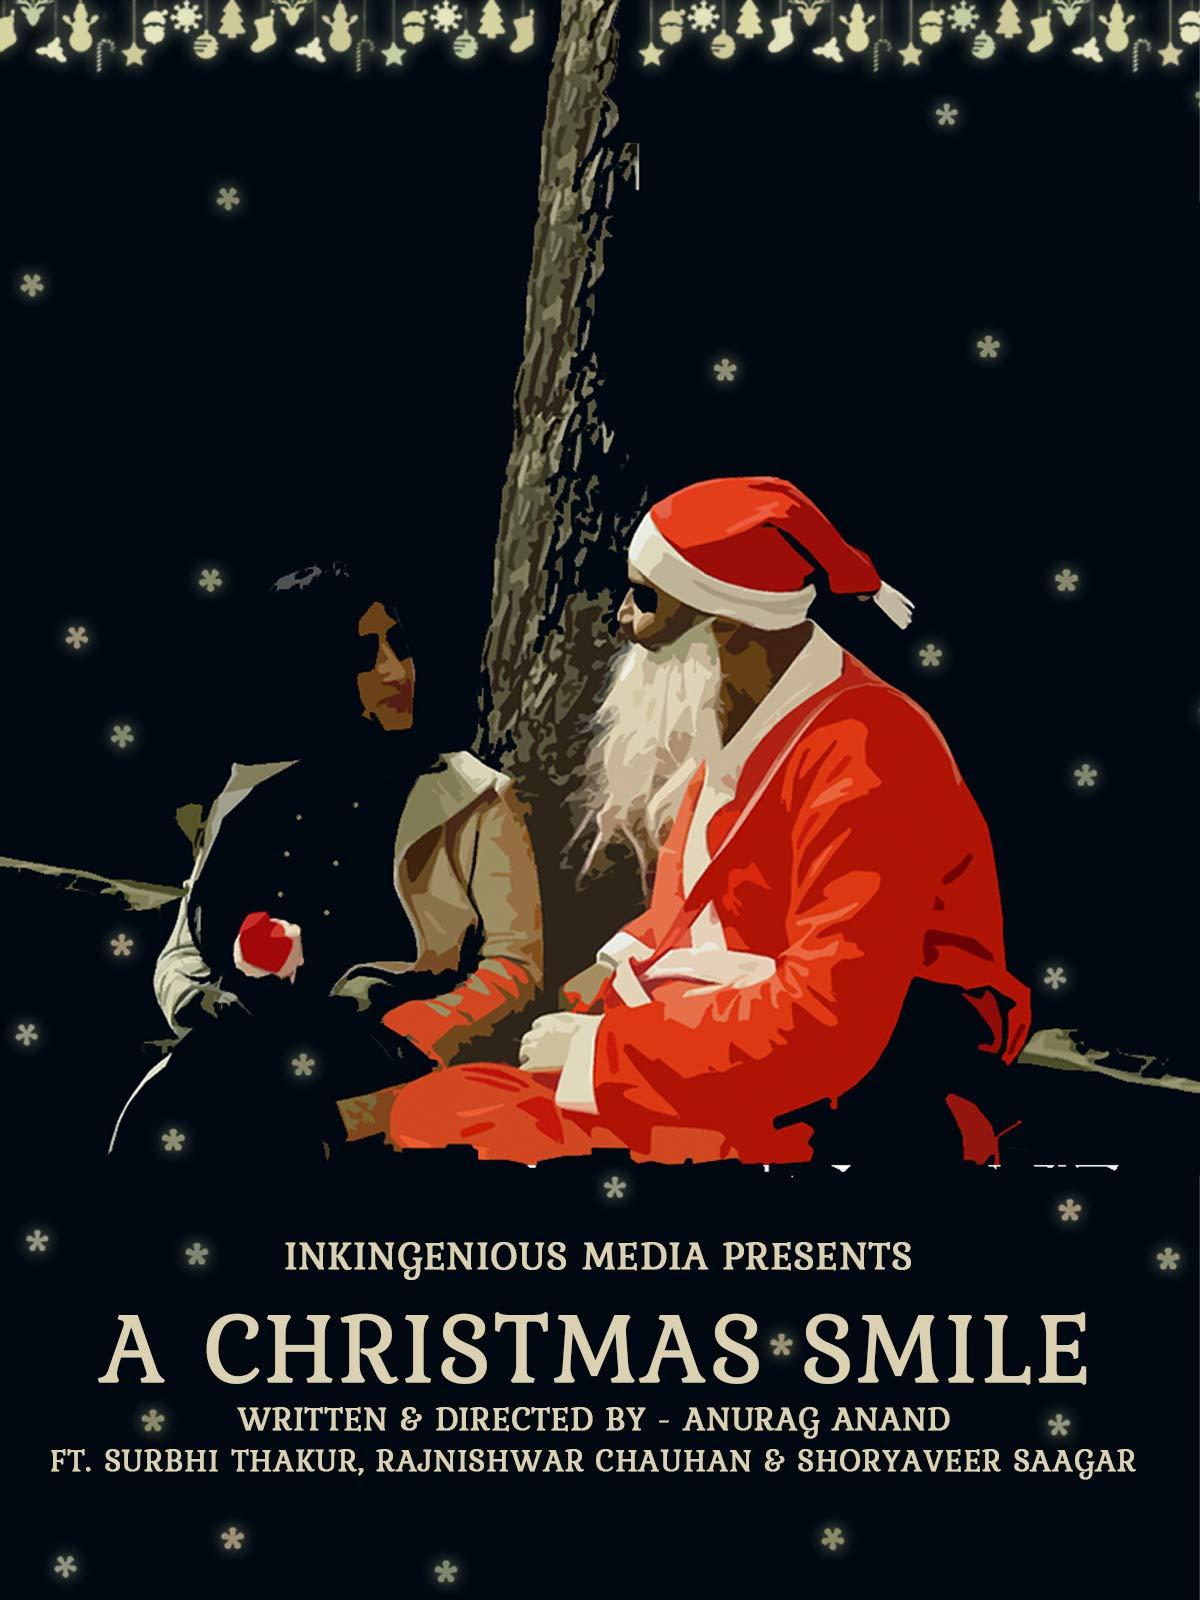 A Christmas Smile